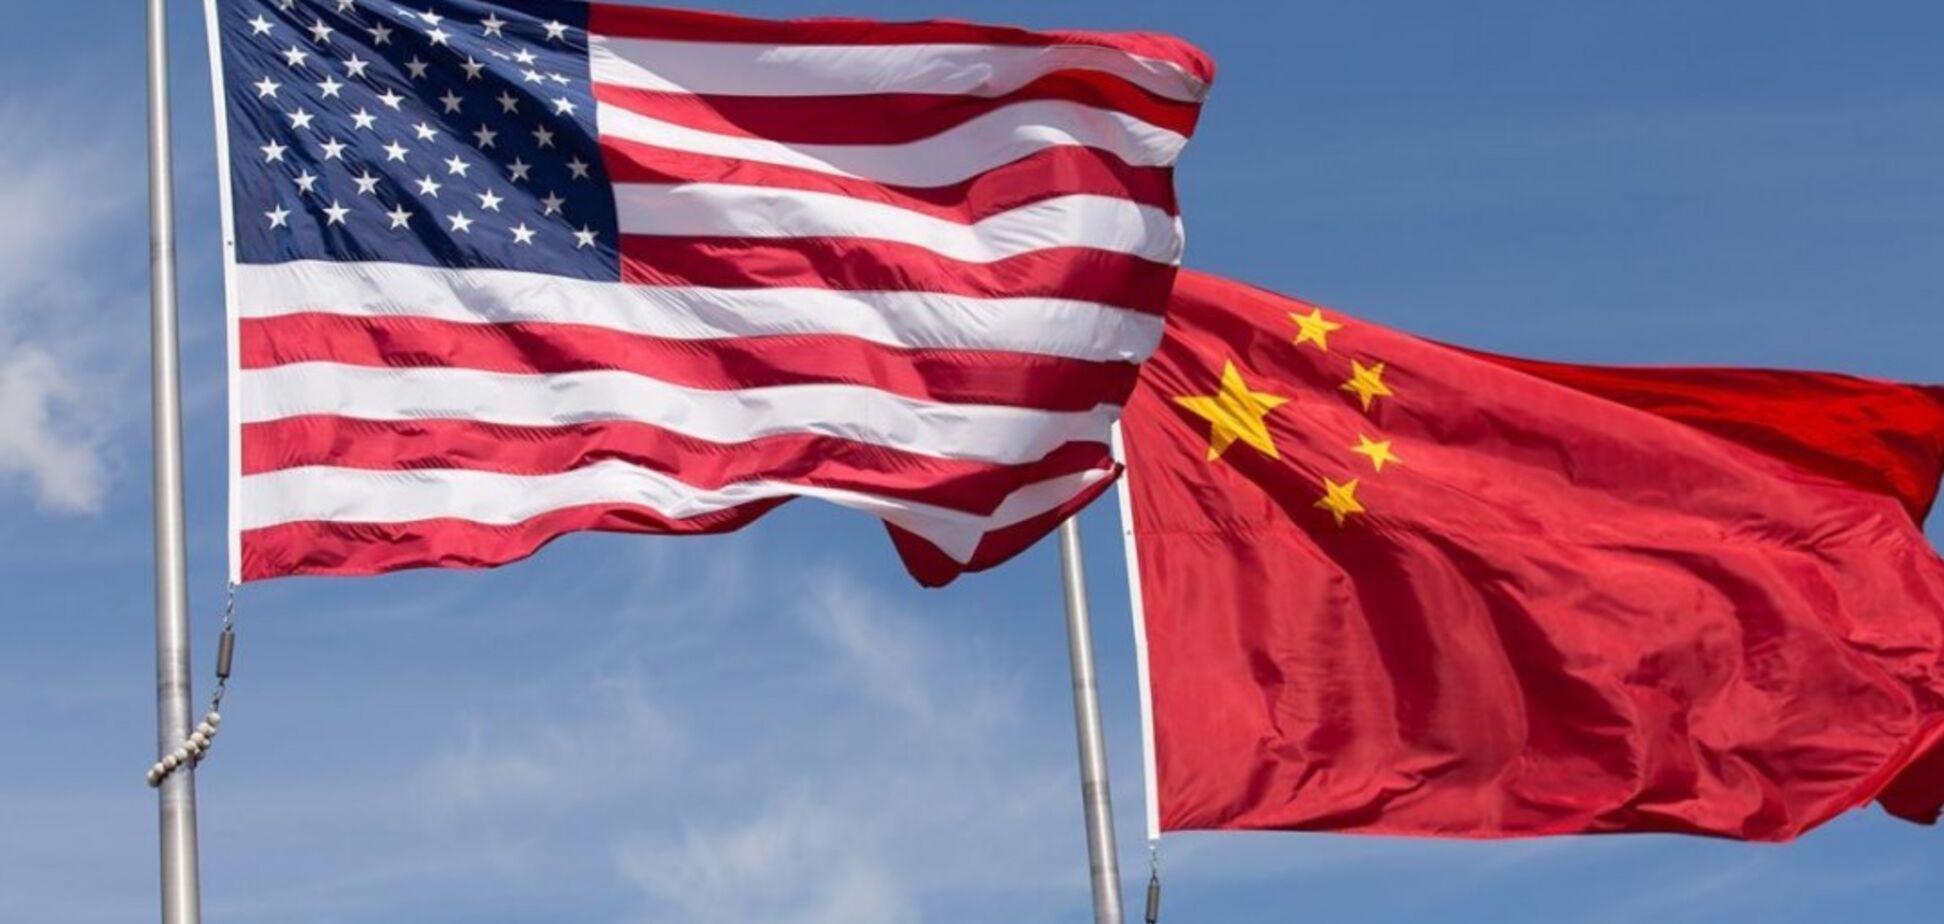 США vs КНР: война неизбежна?